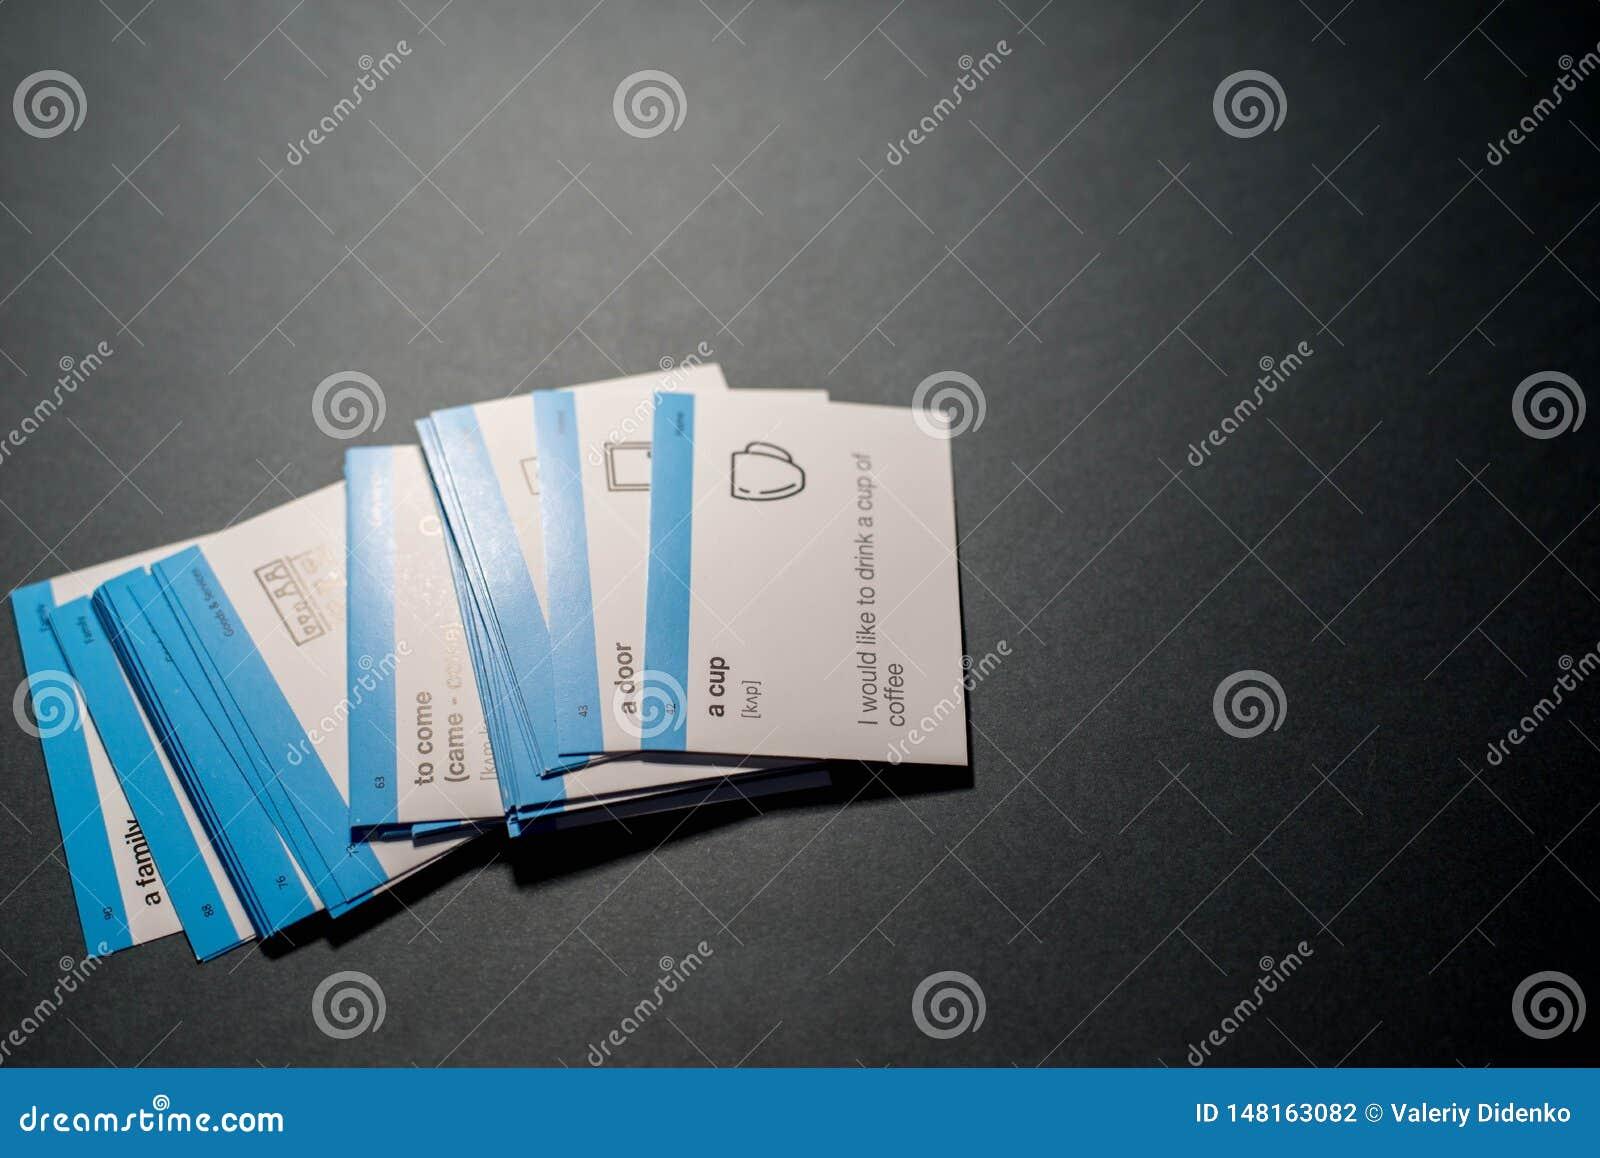 Karten f?r das Lernen von Englisch